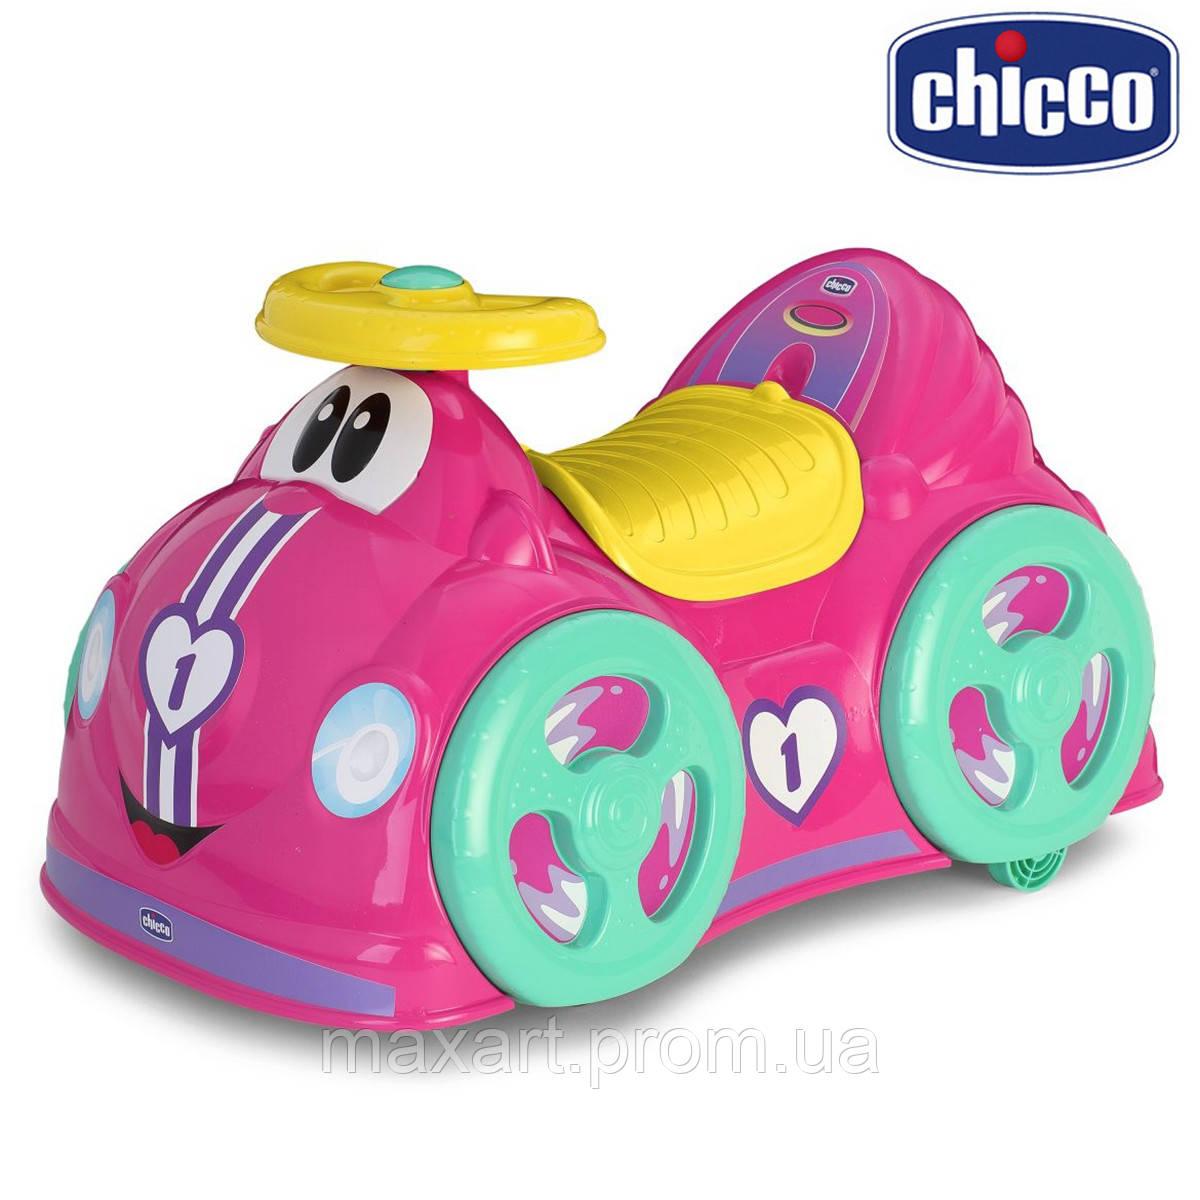 Каталка Chicco - 360 Ride On (07347.01)